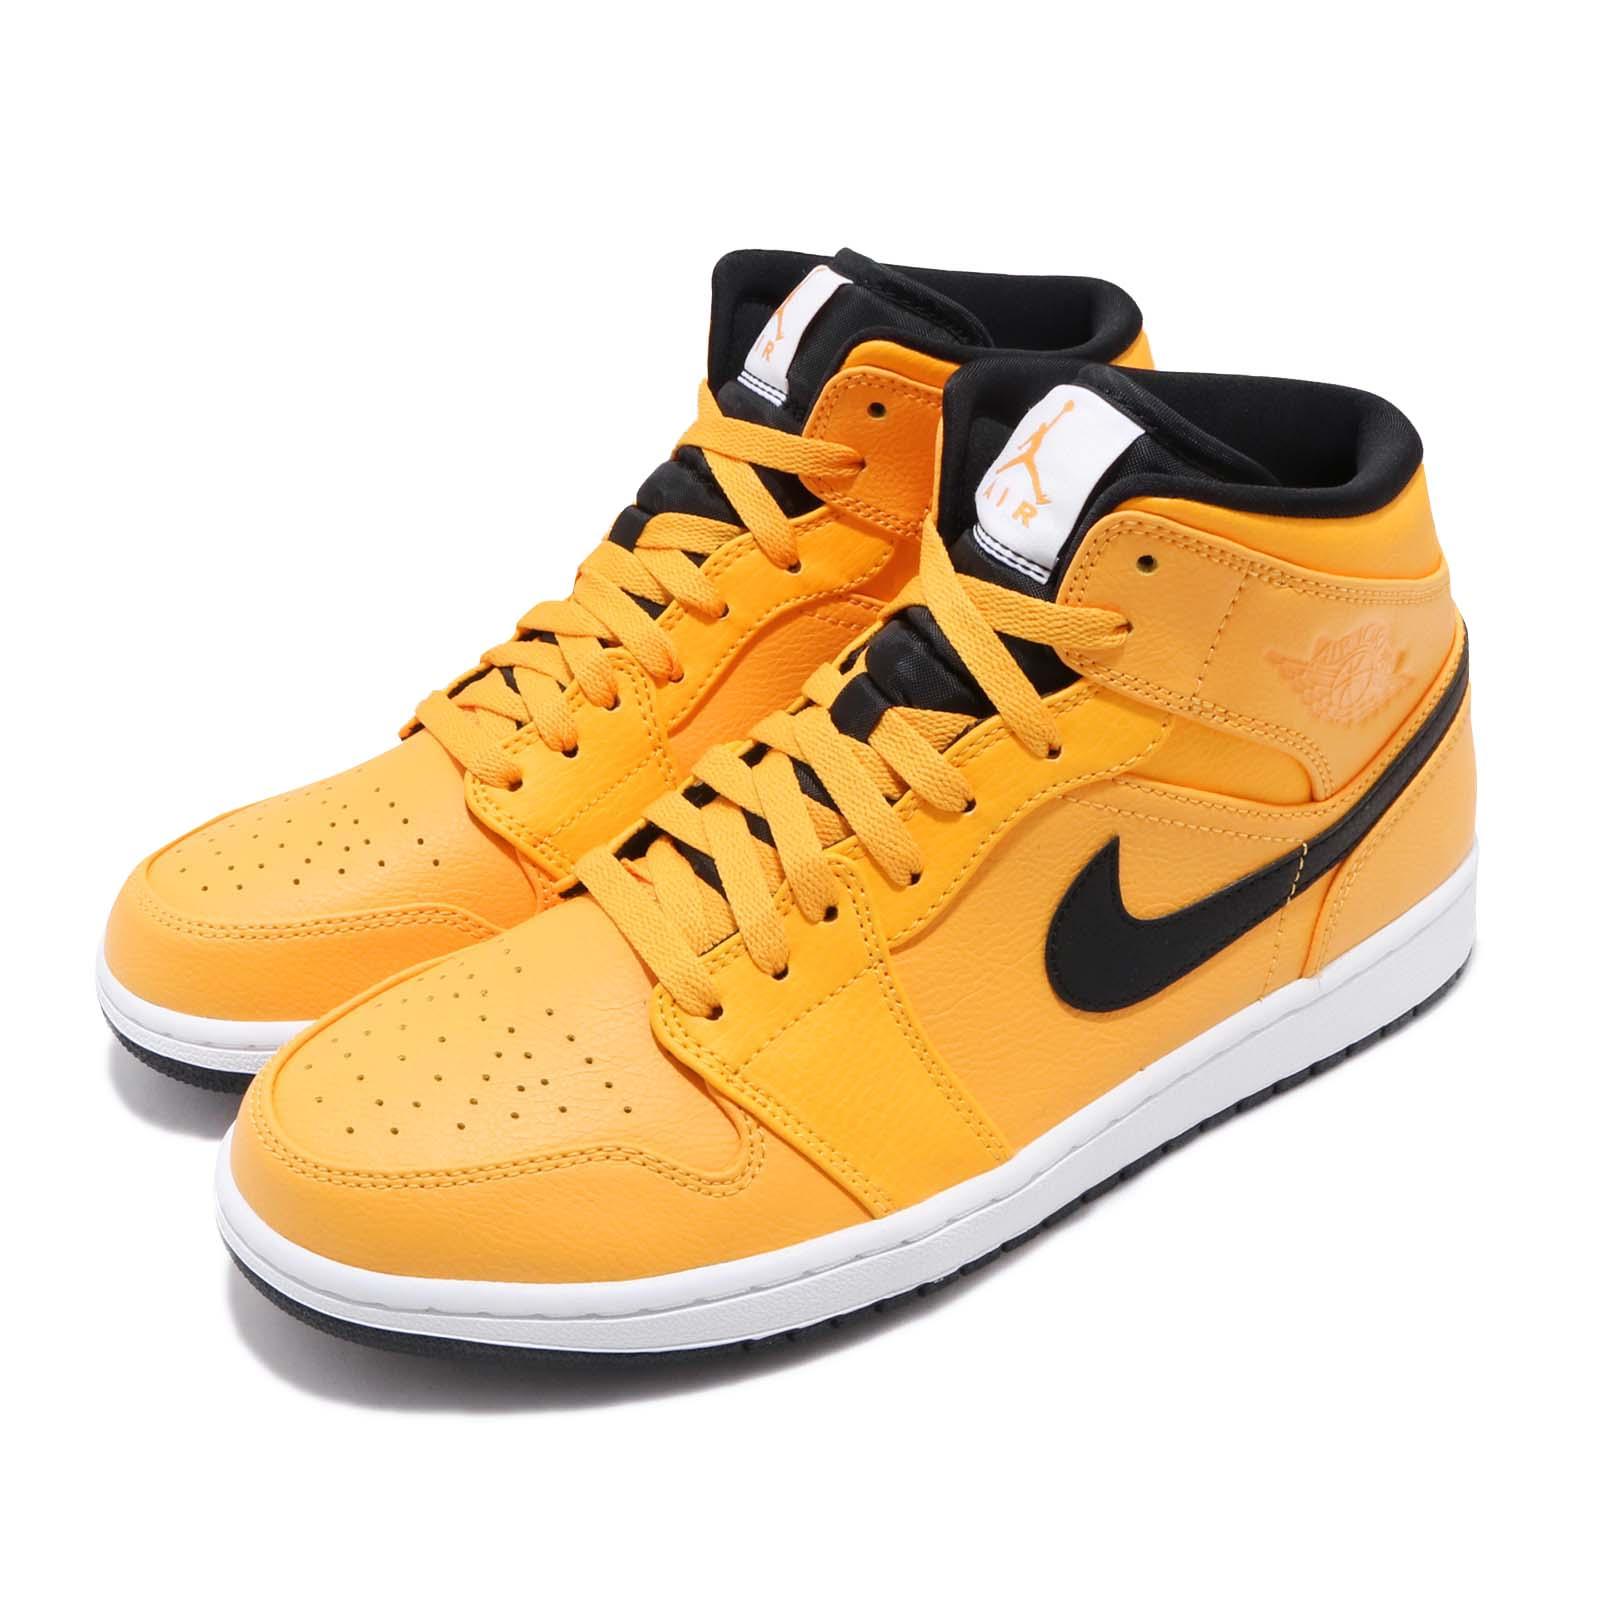 Nike 籃球鞋 Air Jordan 1 MID 男鞋 554724-700